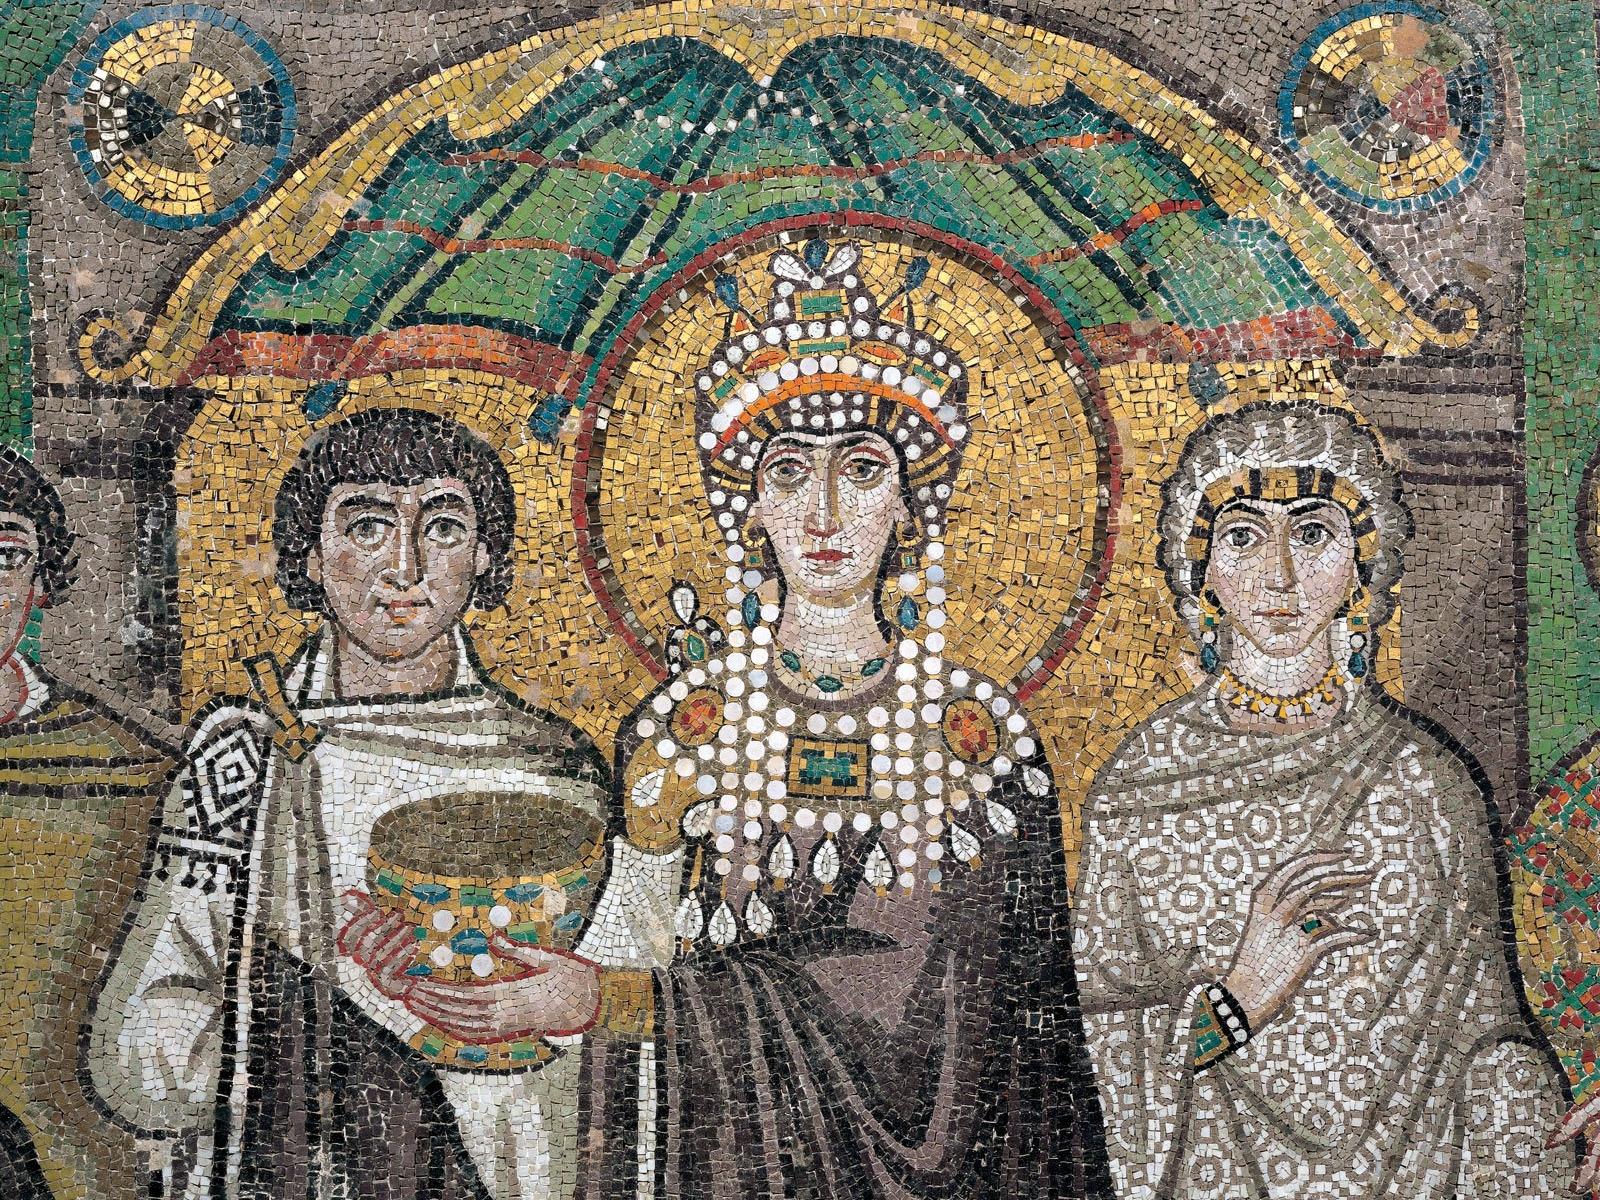 拜占庭鑲嵌馬賽克 /聖維塔教堂 /義大利拉溫納 /  圖片來源  Byzantine mosaics /Basilica of San Vitale /Racenna,Italy